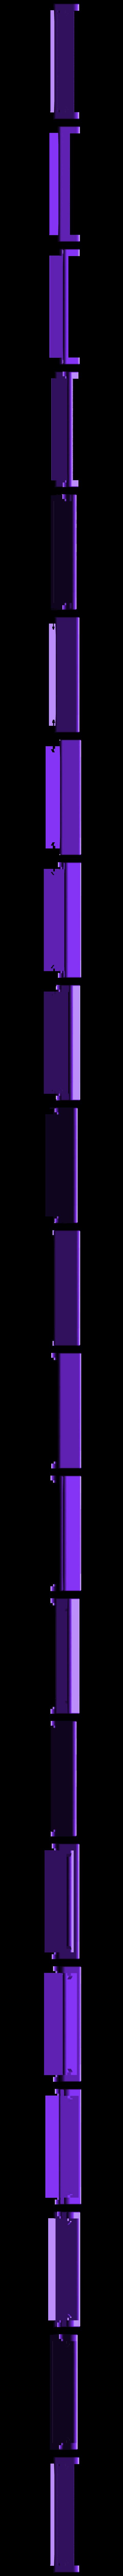 slider-bar-mount-bearing.stl Télécharger fichier STL gratuit Slider de caméra motorisé MK3 • Modèle pour impression 3D, Adafruit